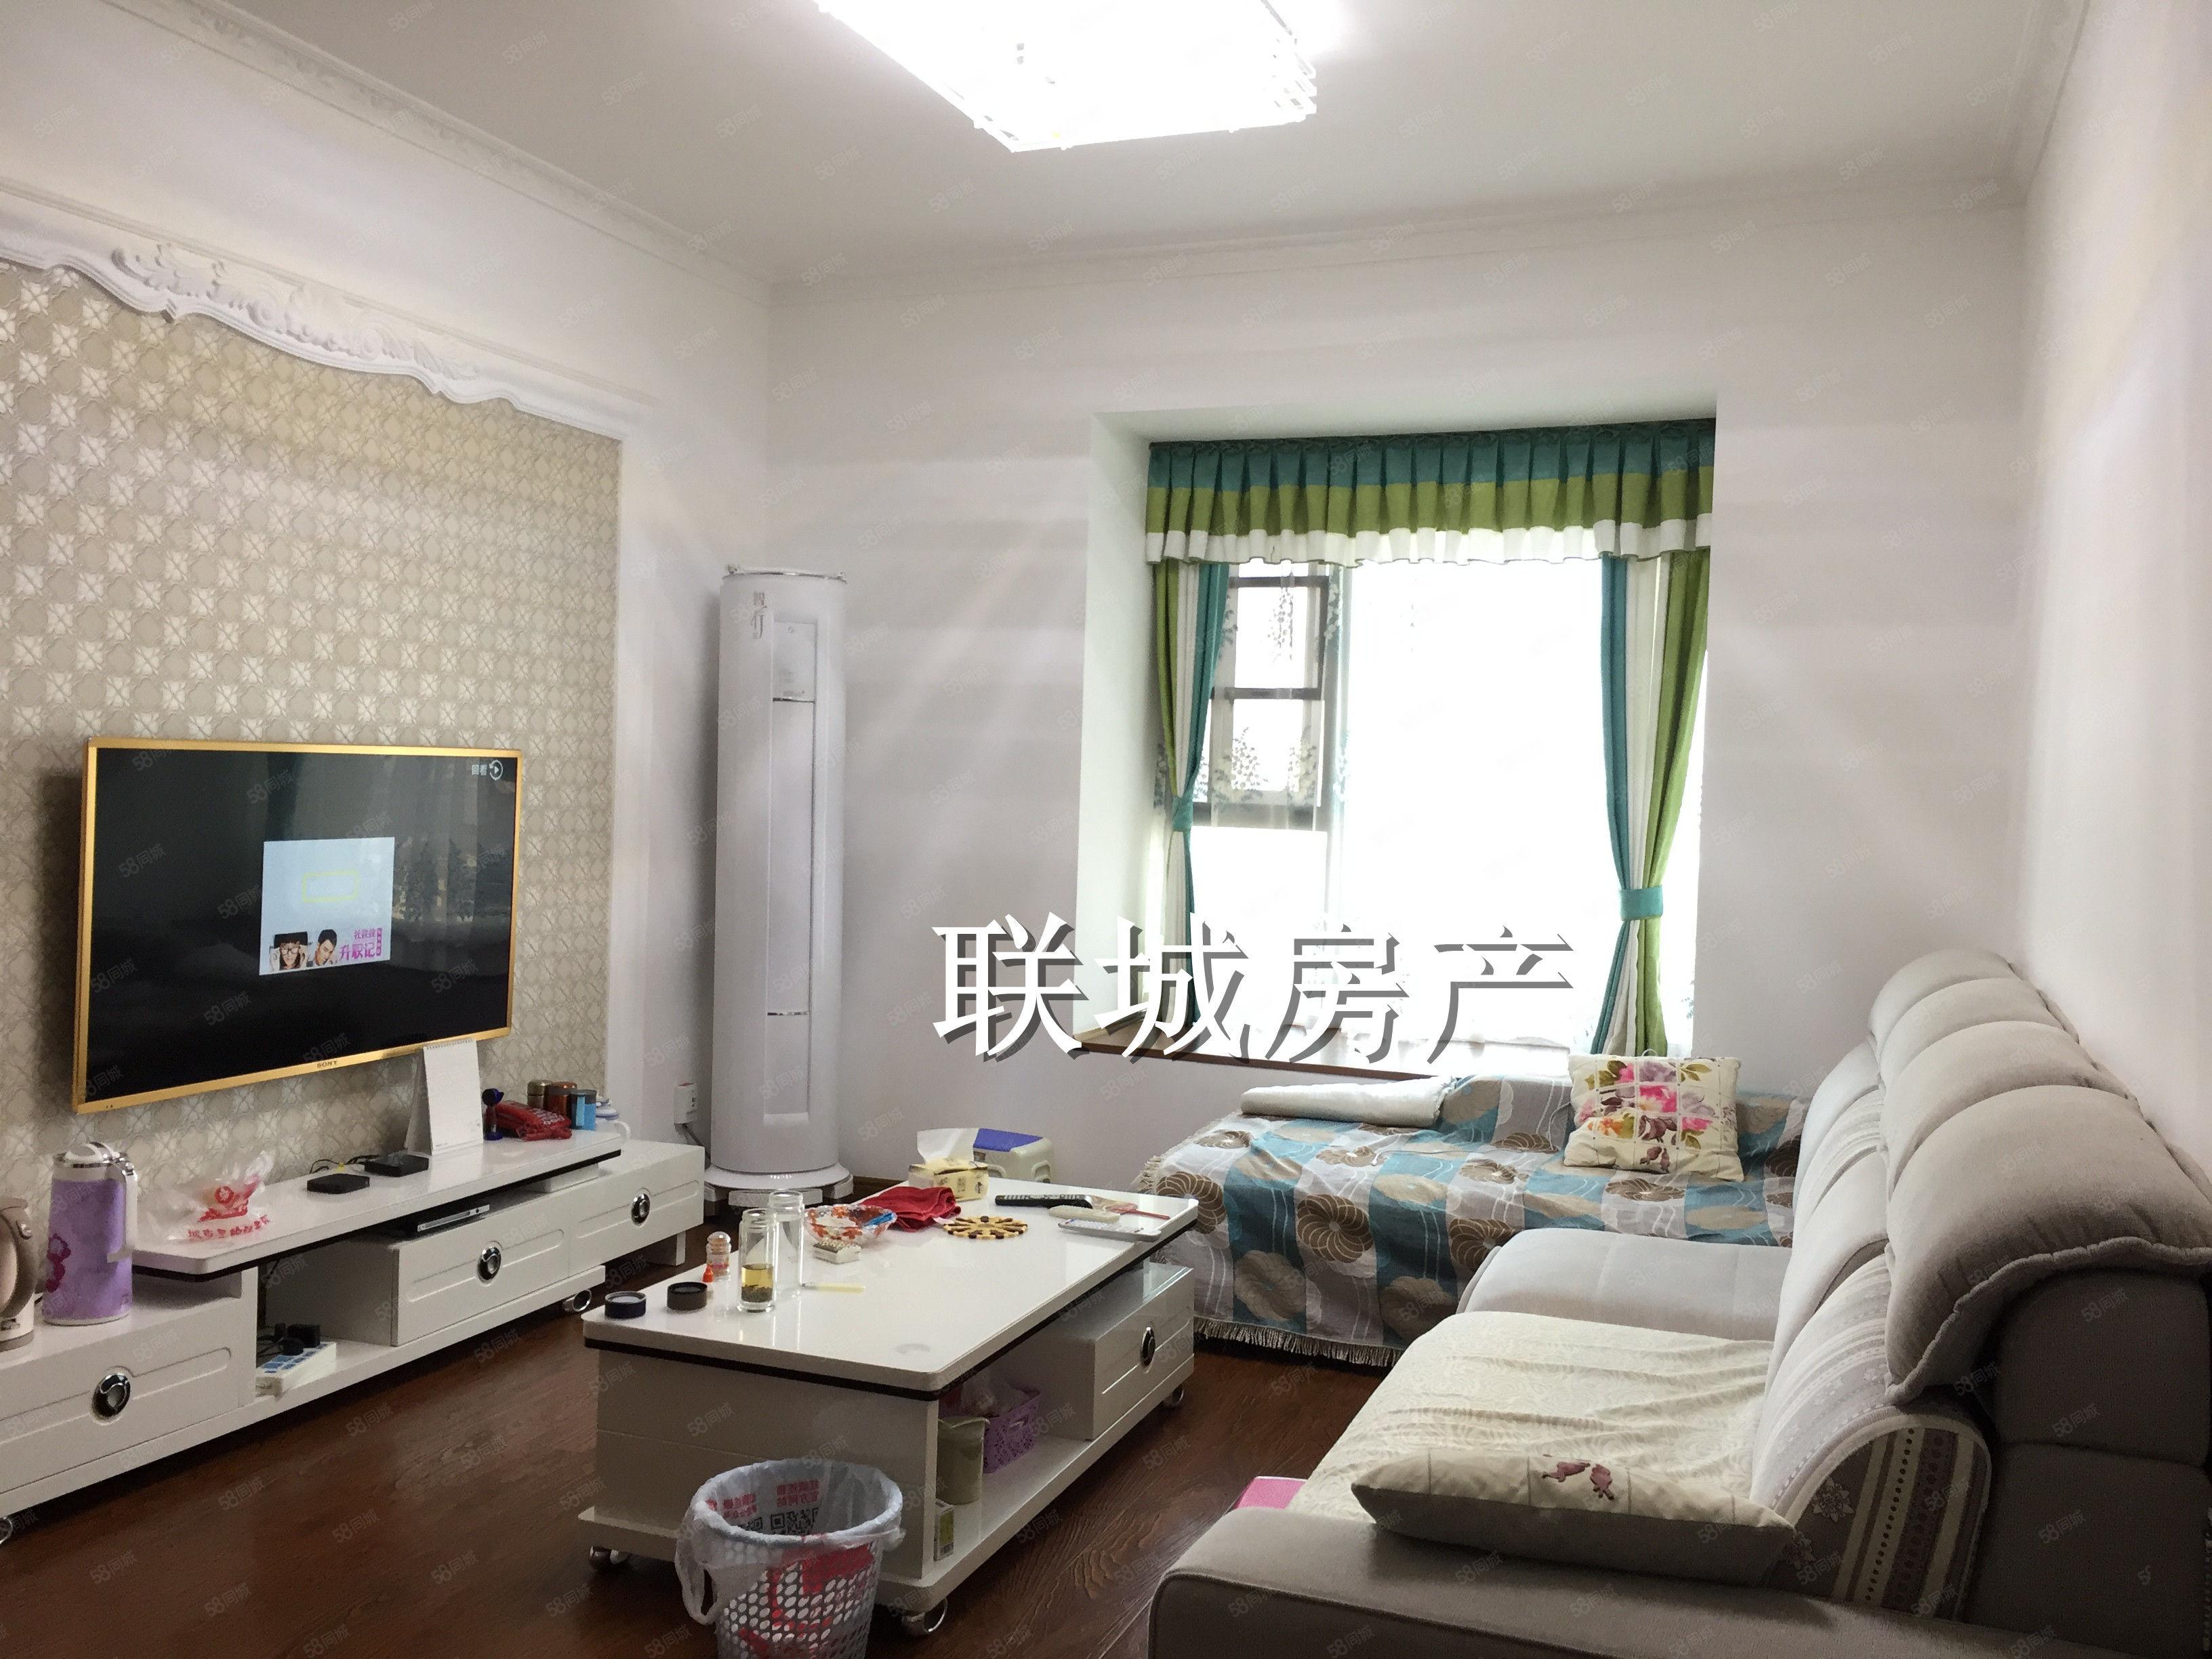 全新半年装修房源真实杨柳河边高档电梯新房格澜威尔精致套三